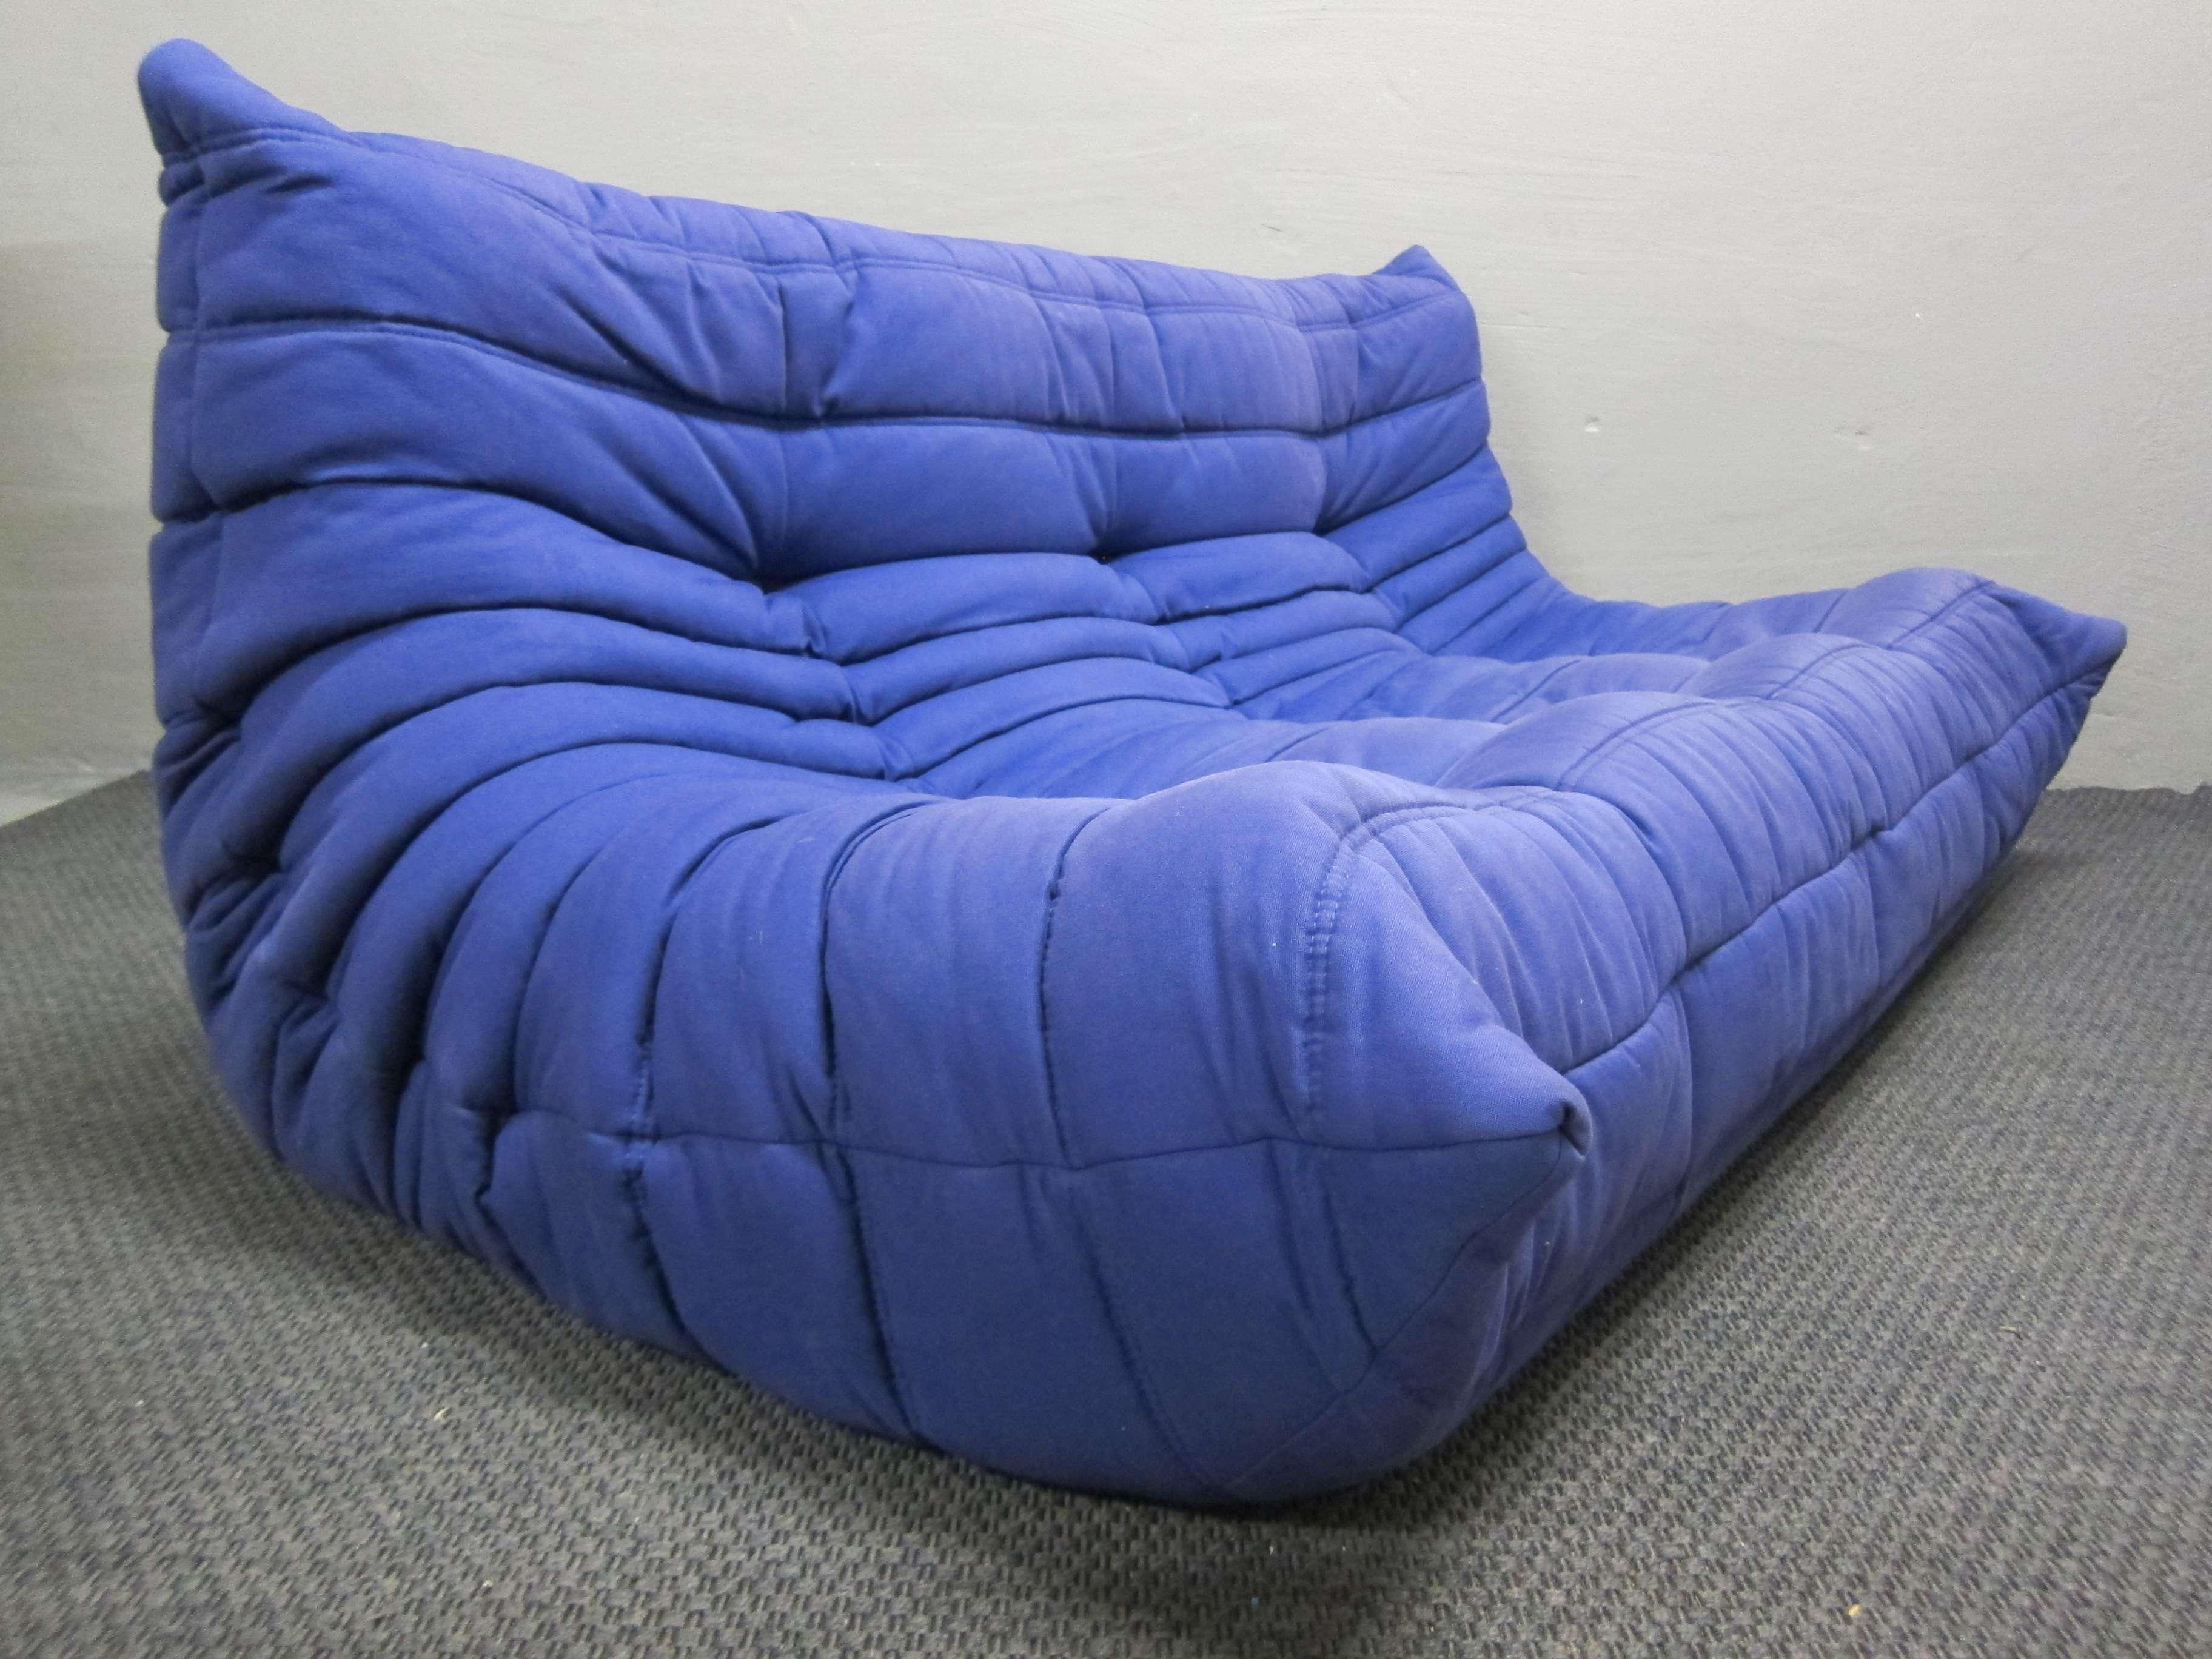 ligne roset togo dreisitzer in blau design michel ducaroy. Black Bedroom Furniture Sets. Home Design Ideas